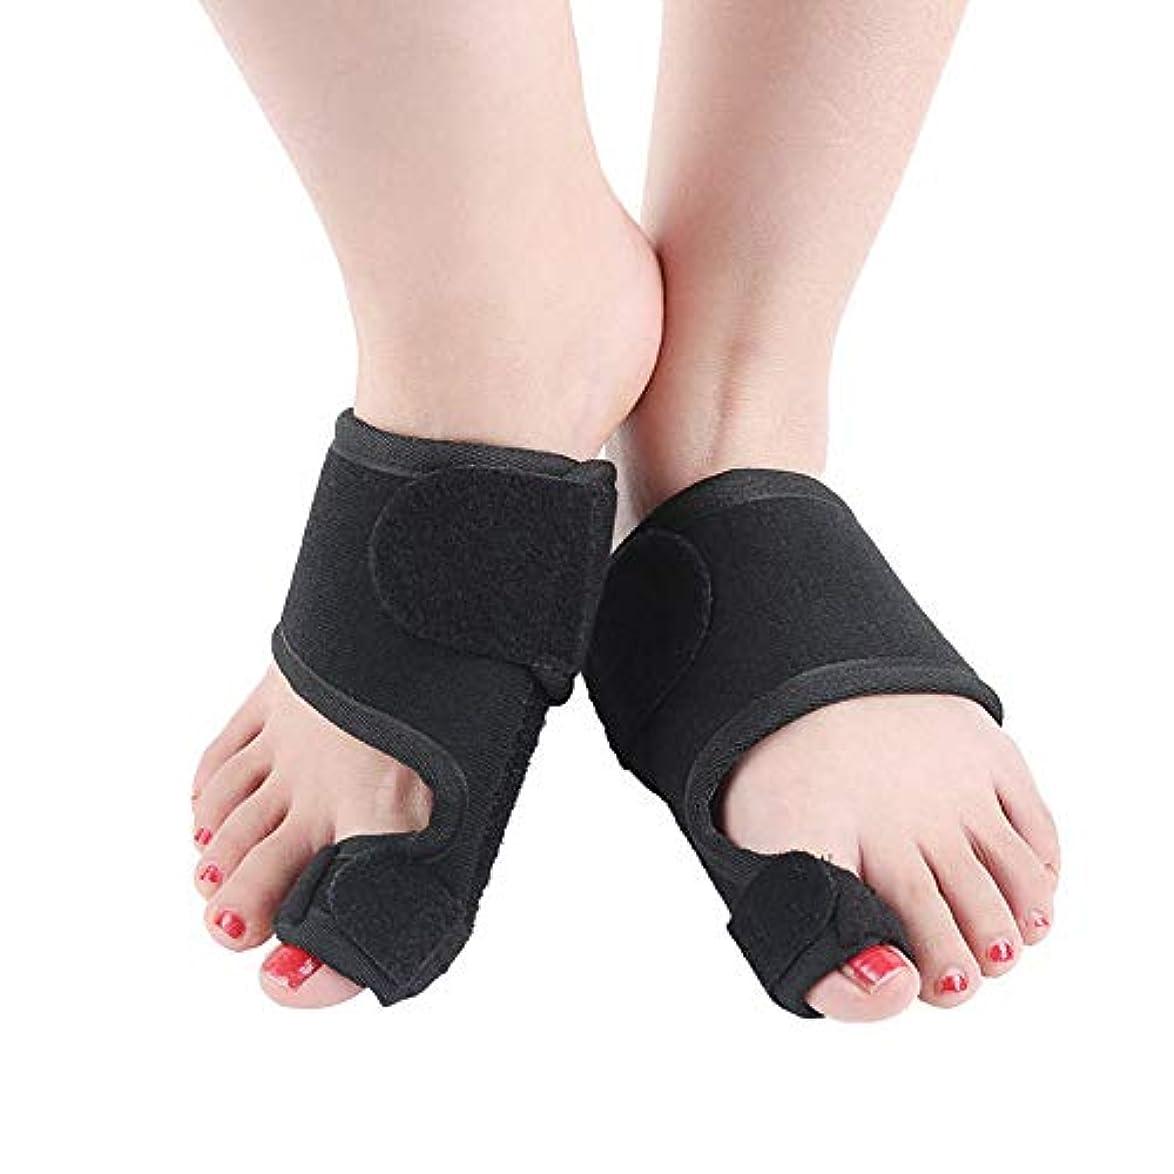 是正する方法論症候群男女兼用の外反母趾矯正 - 足の痛みの軽減、親指嚢胞の矯正(2pcs)